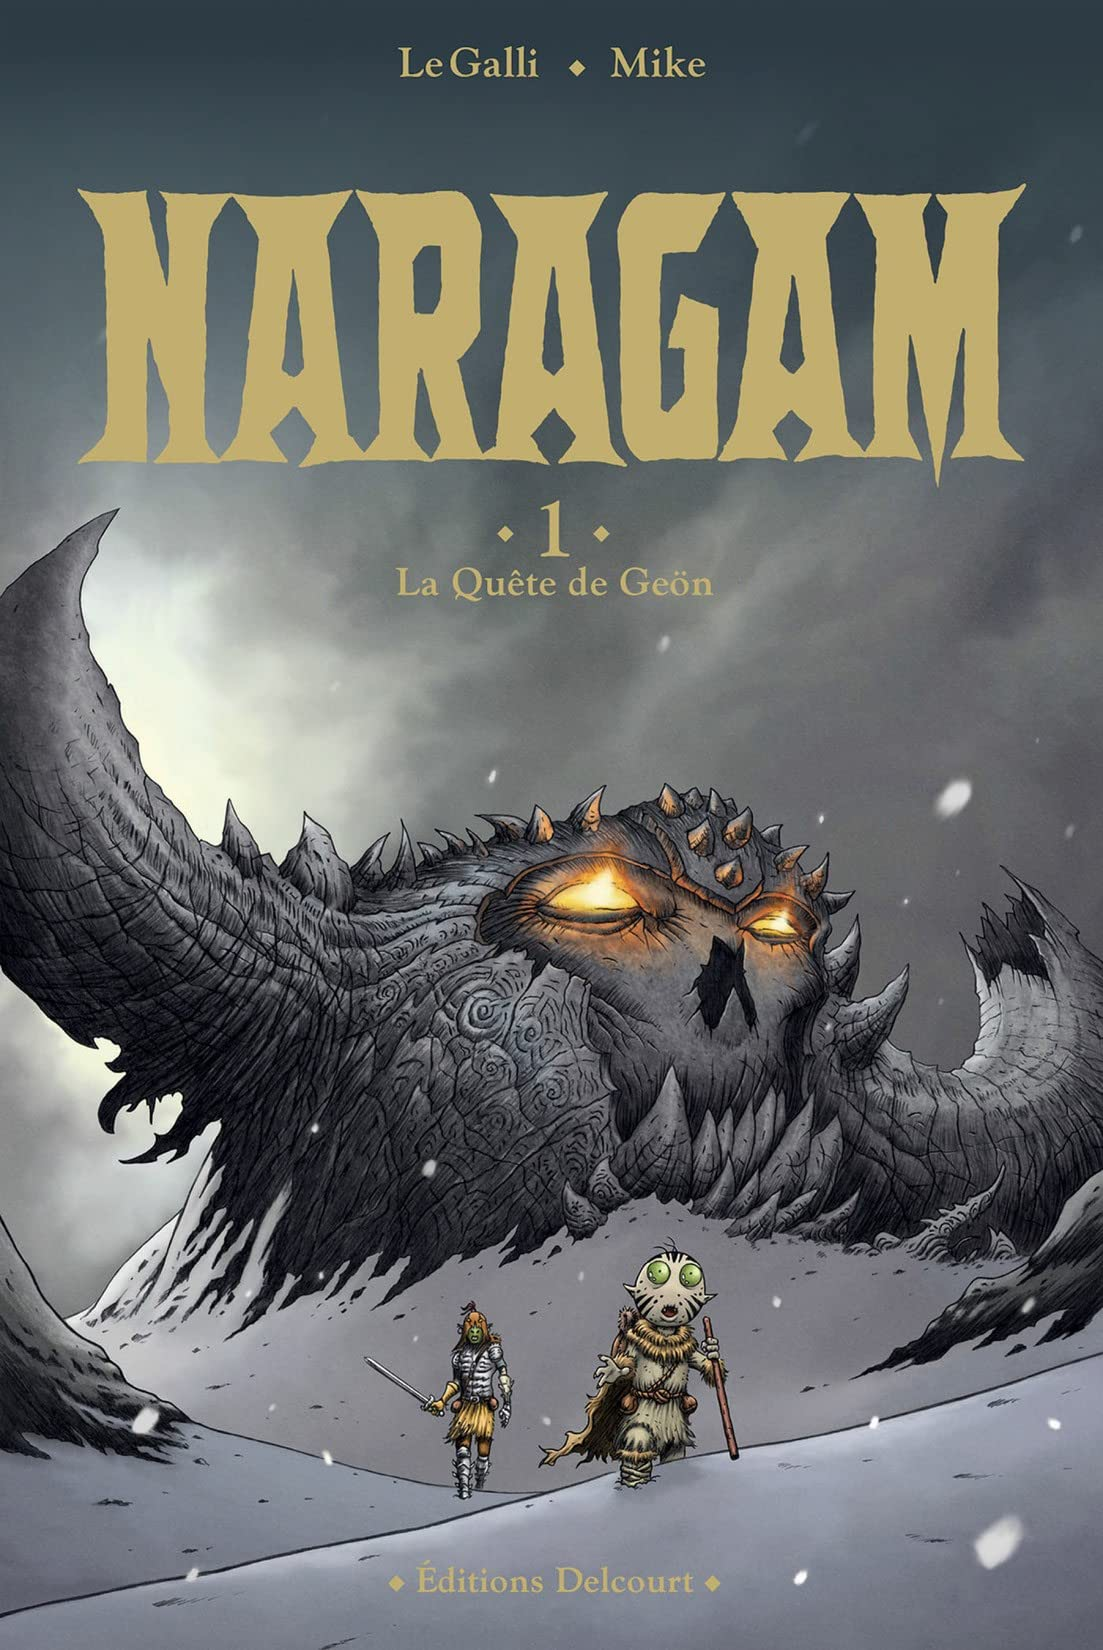 Naragam Vol. 1: La Quête de Geön